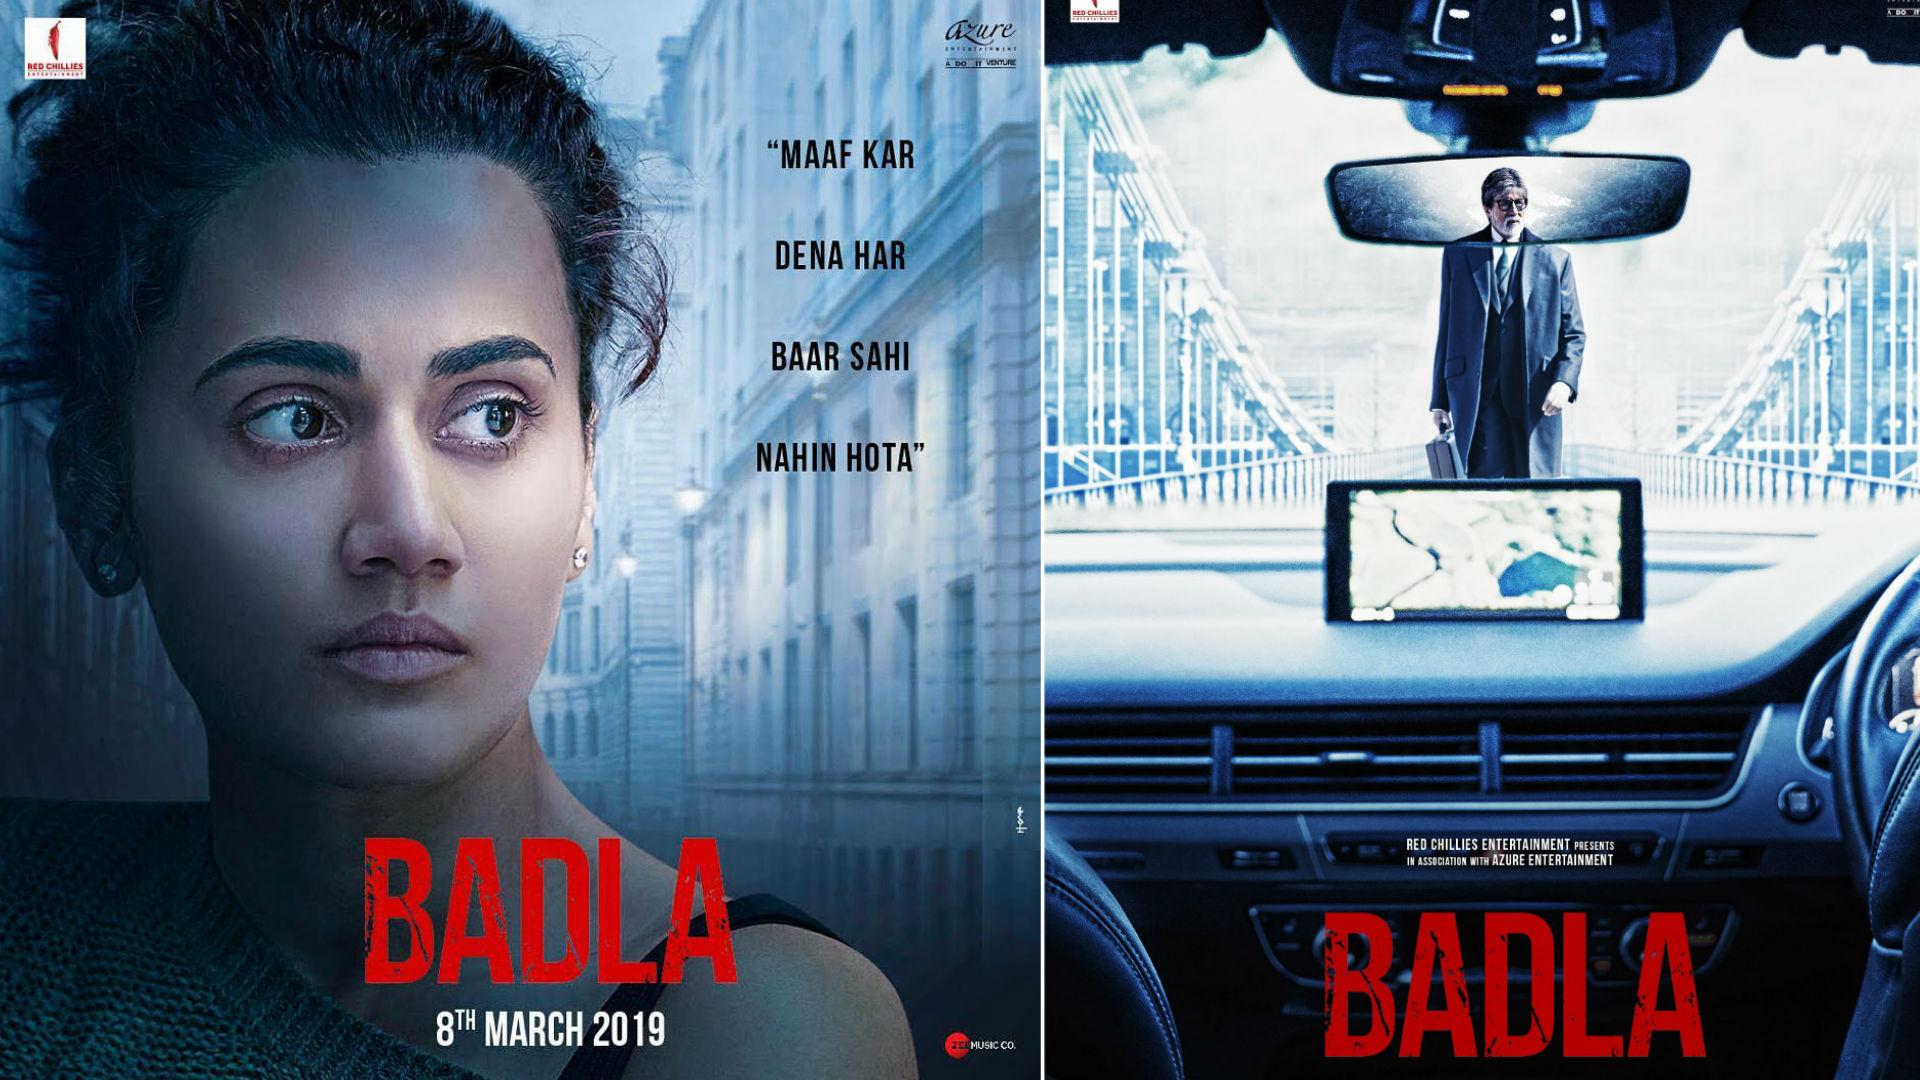 बदला मूवी रिव्यूः पिंक के बाद फिर अमिताभ बच्चन-तापसी पन्नू ने मचाया धमाल, 3 सवालों पर टिकी है फिल्म की कहानी